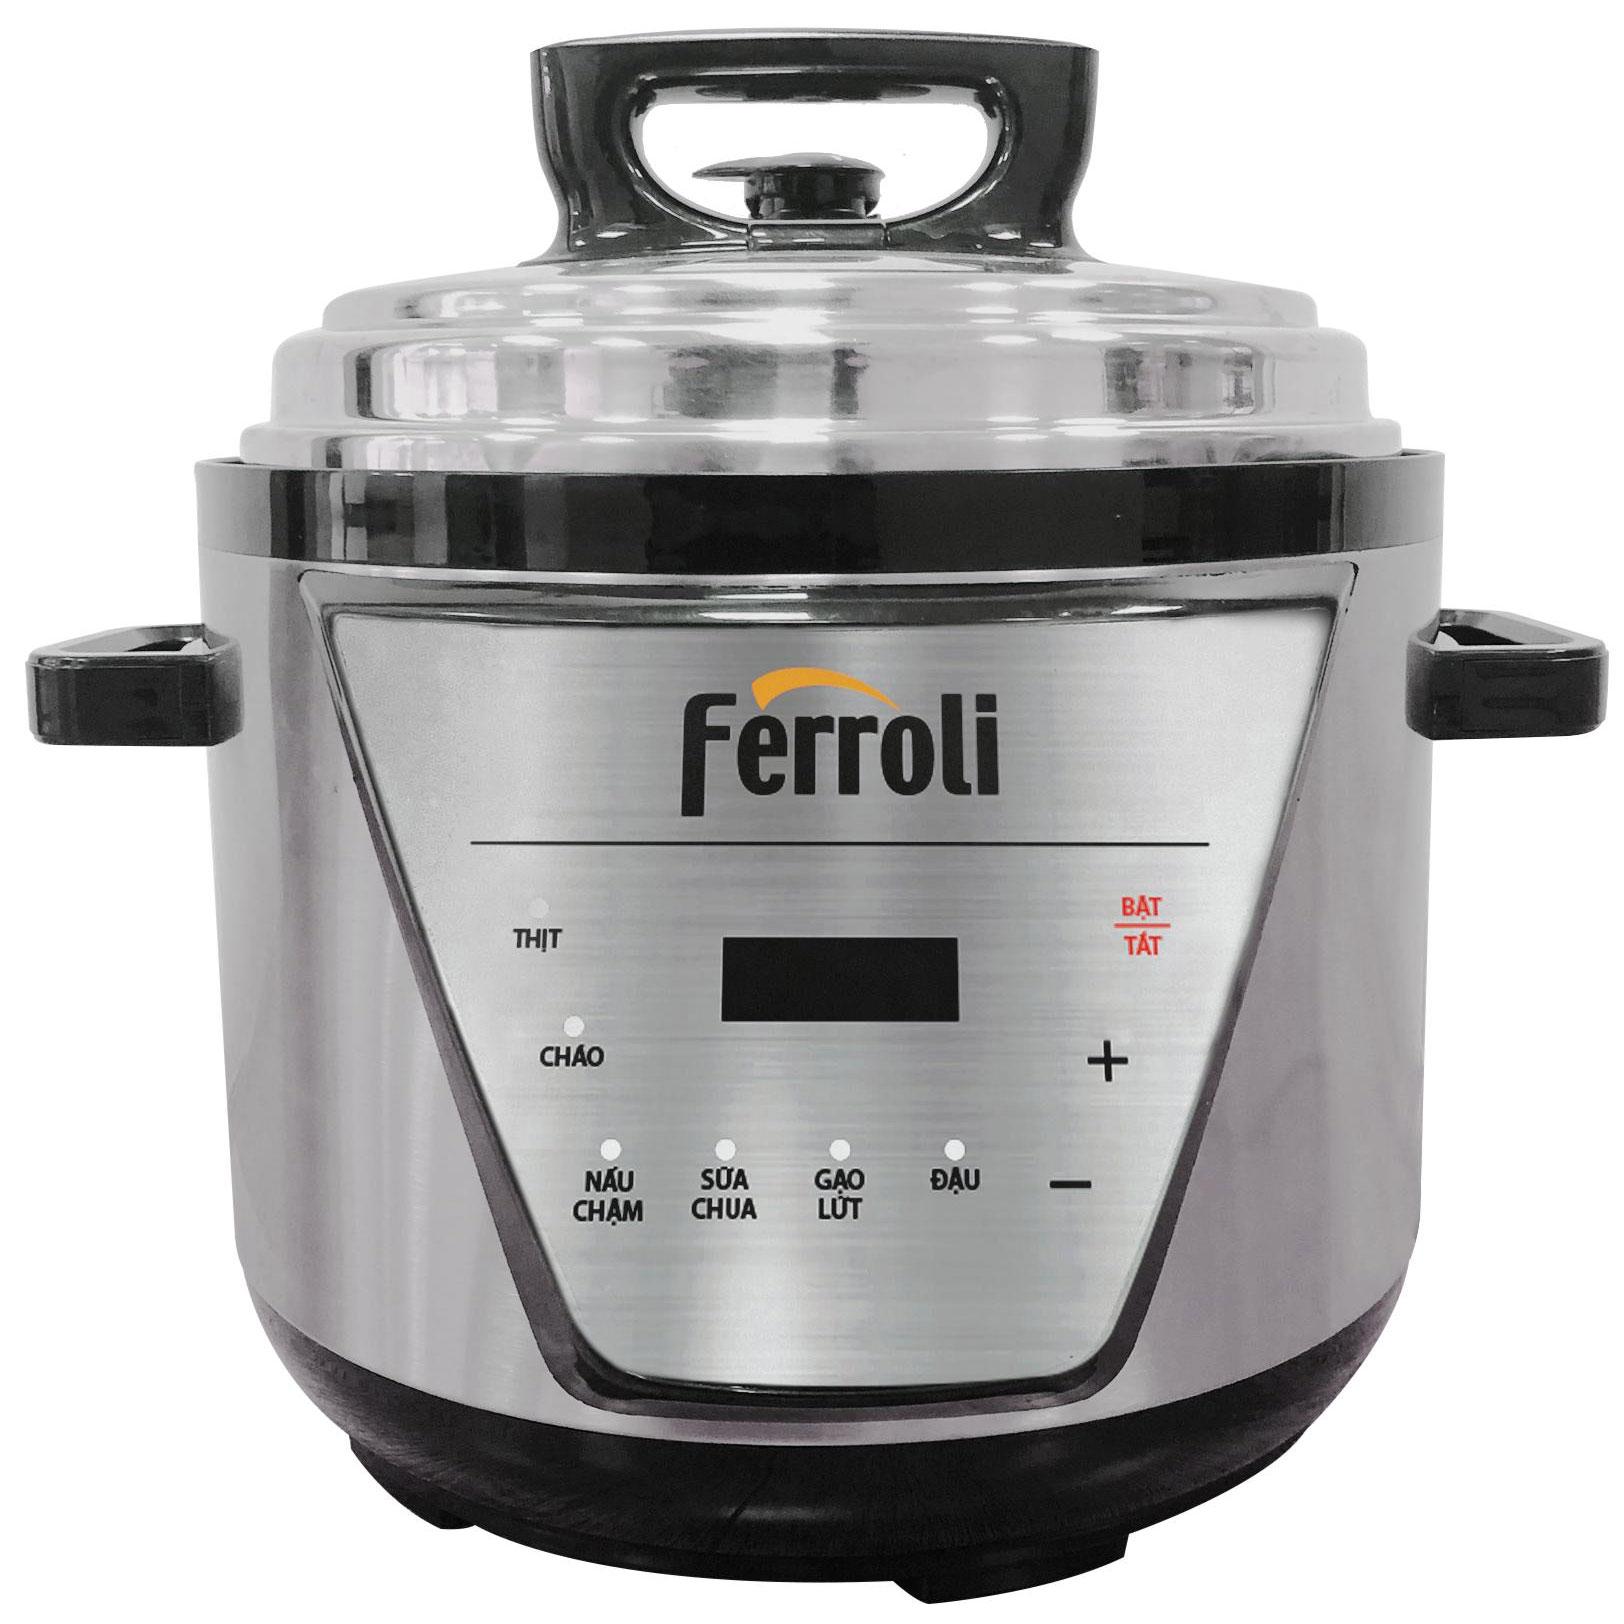 Ferroli FPC900-D